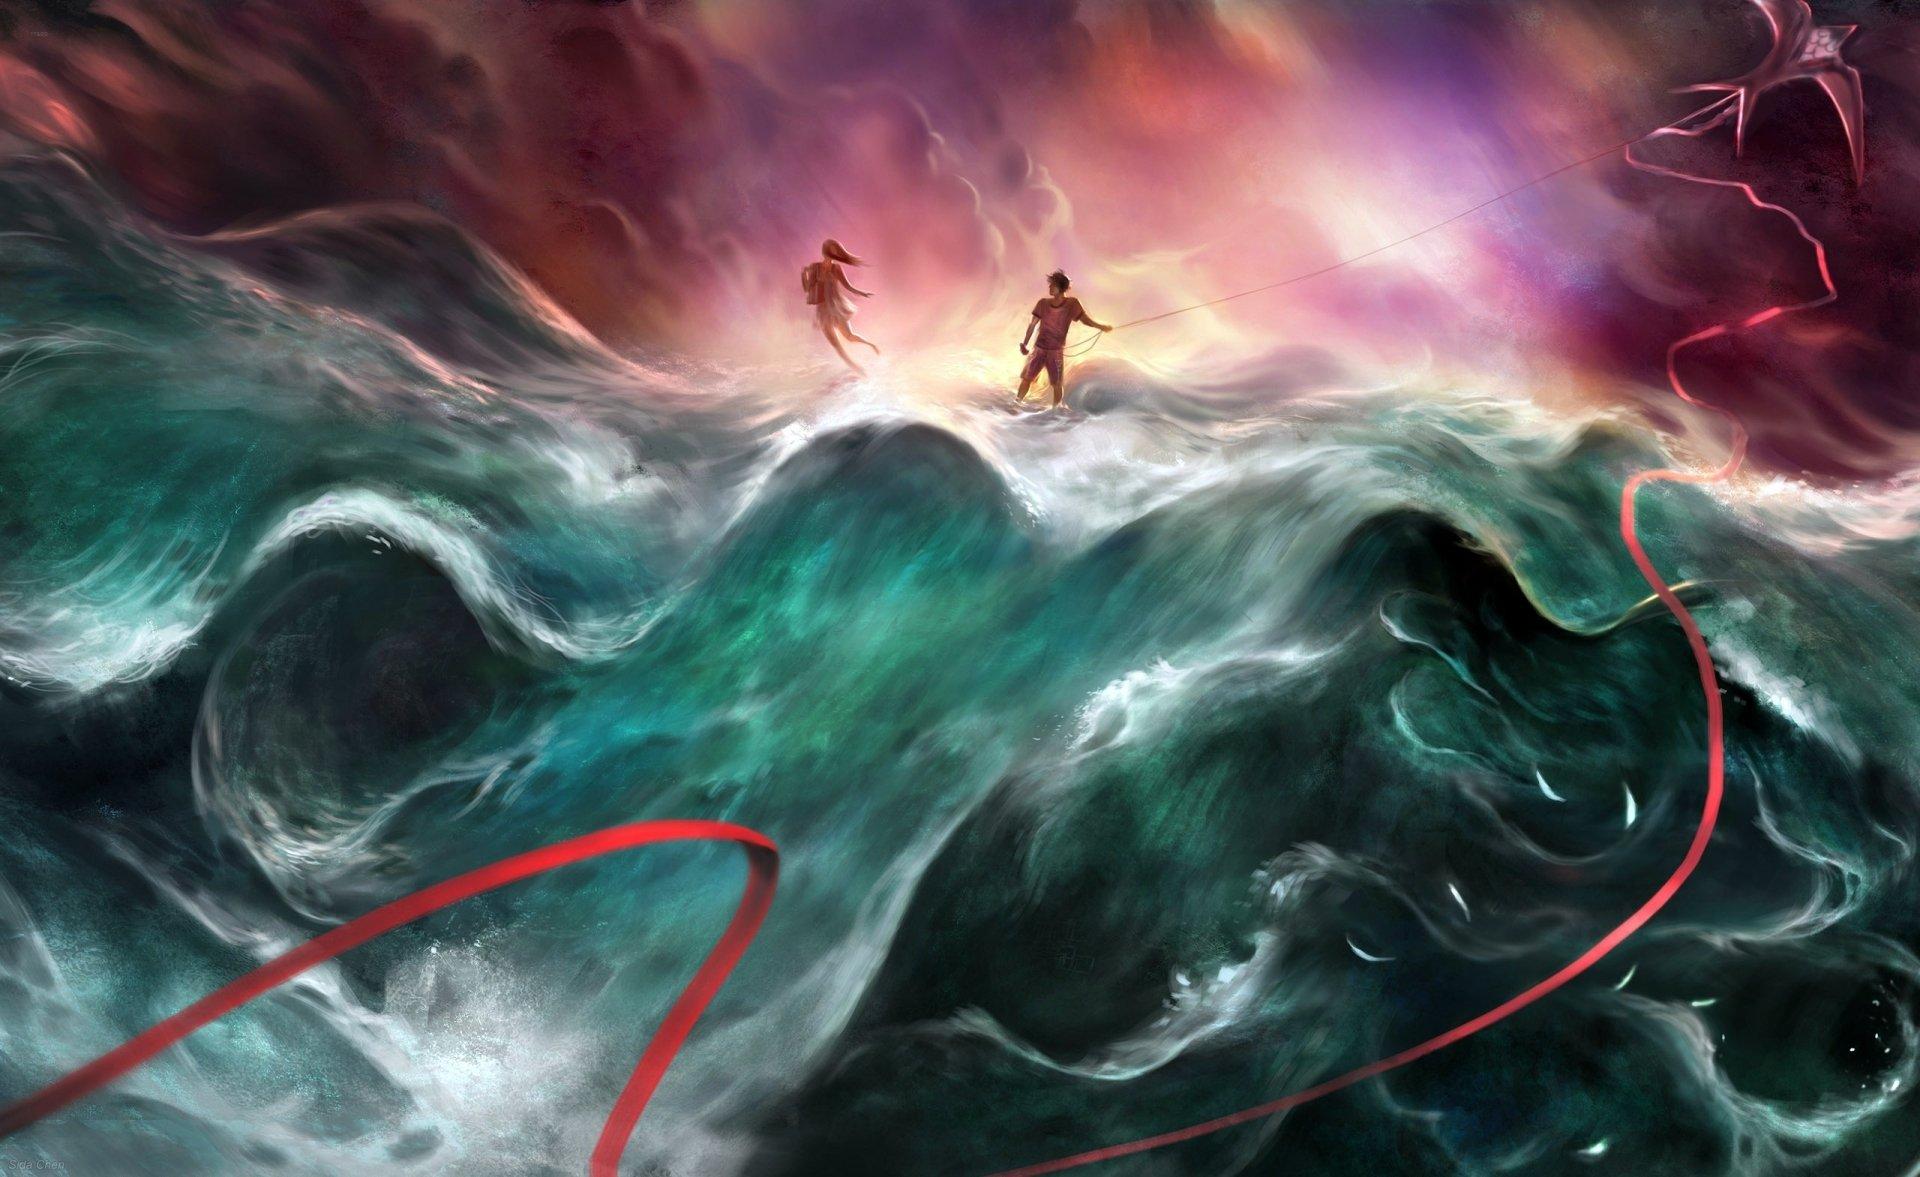 Fantasy - Ocean  Wallpaper